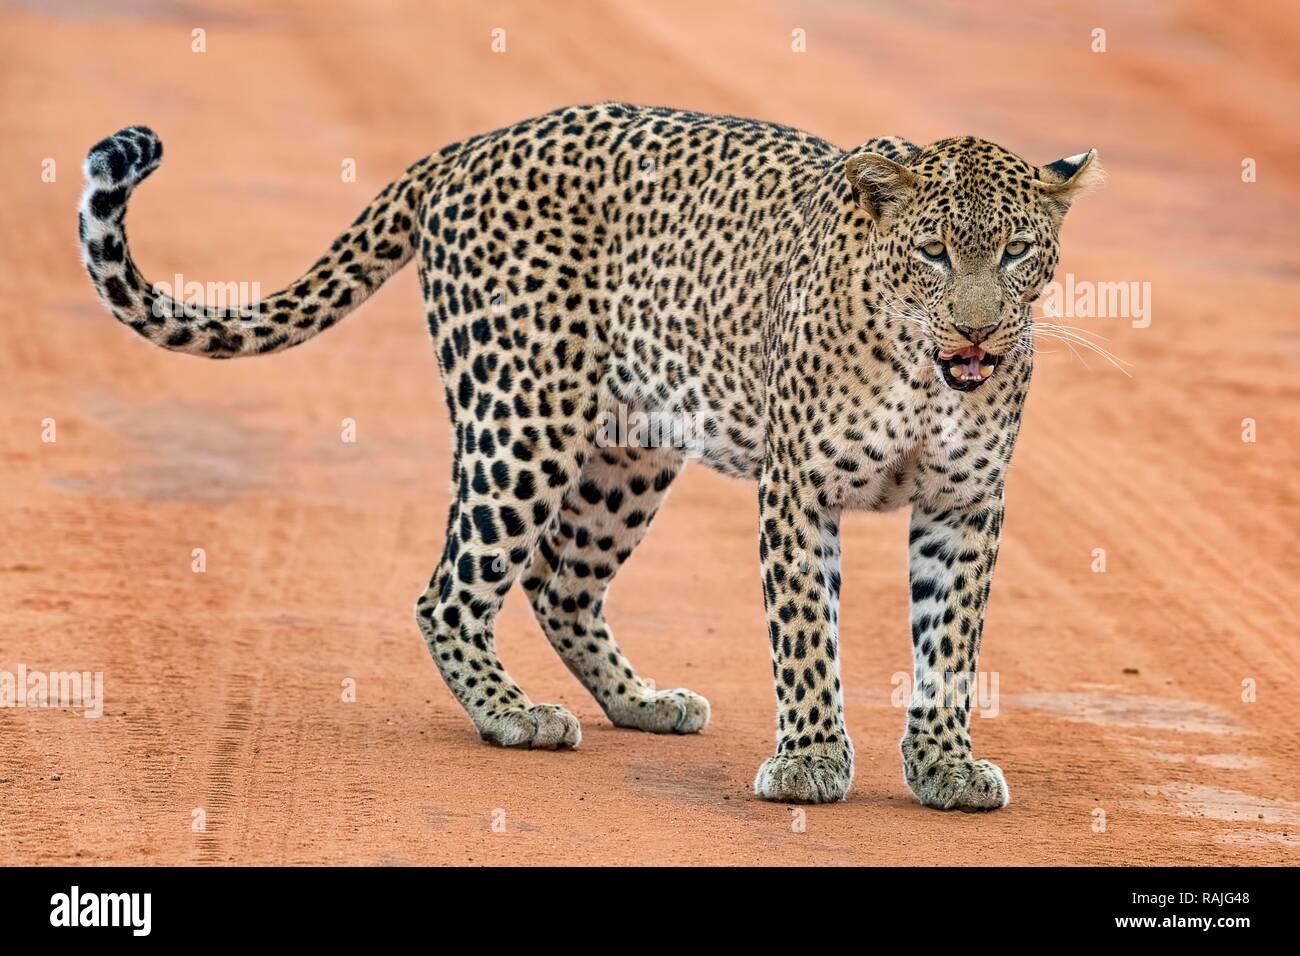 Leopard (Panthera pardus) est sur la piste de sable et lèche sa bouche, le parc national de Tsavo Ouest, au Kenya Banque D'Images